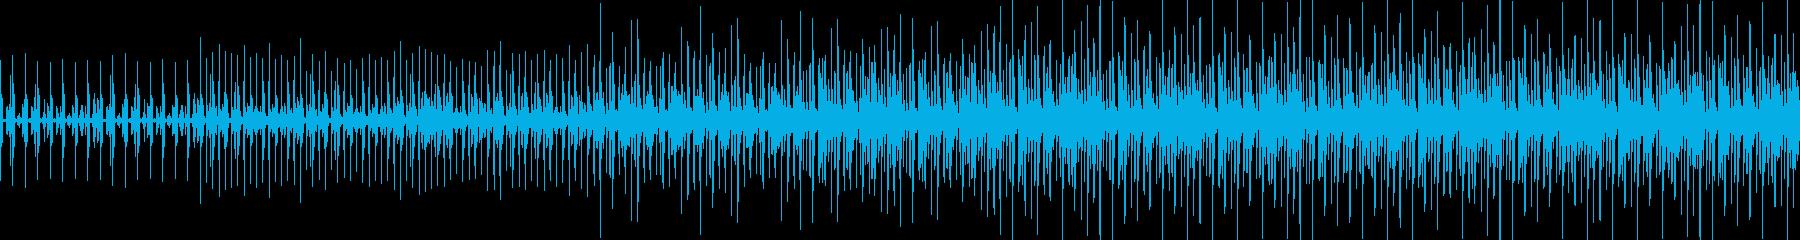 ループ可 民族音楽でリズムだけのBGMの再生済みの波形